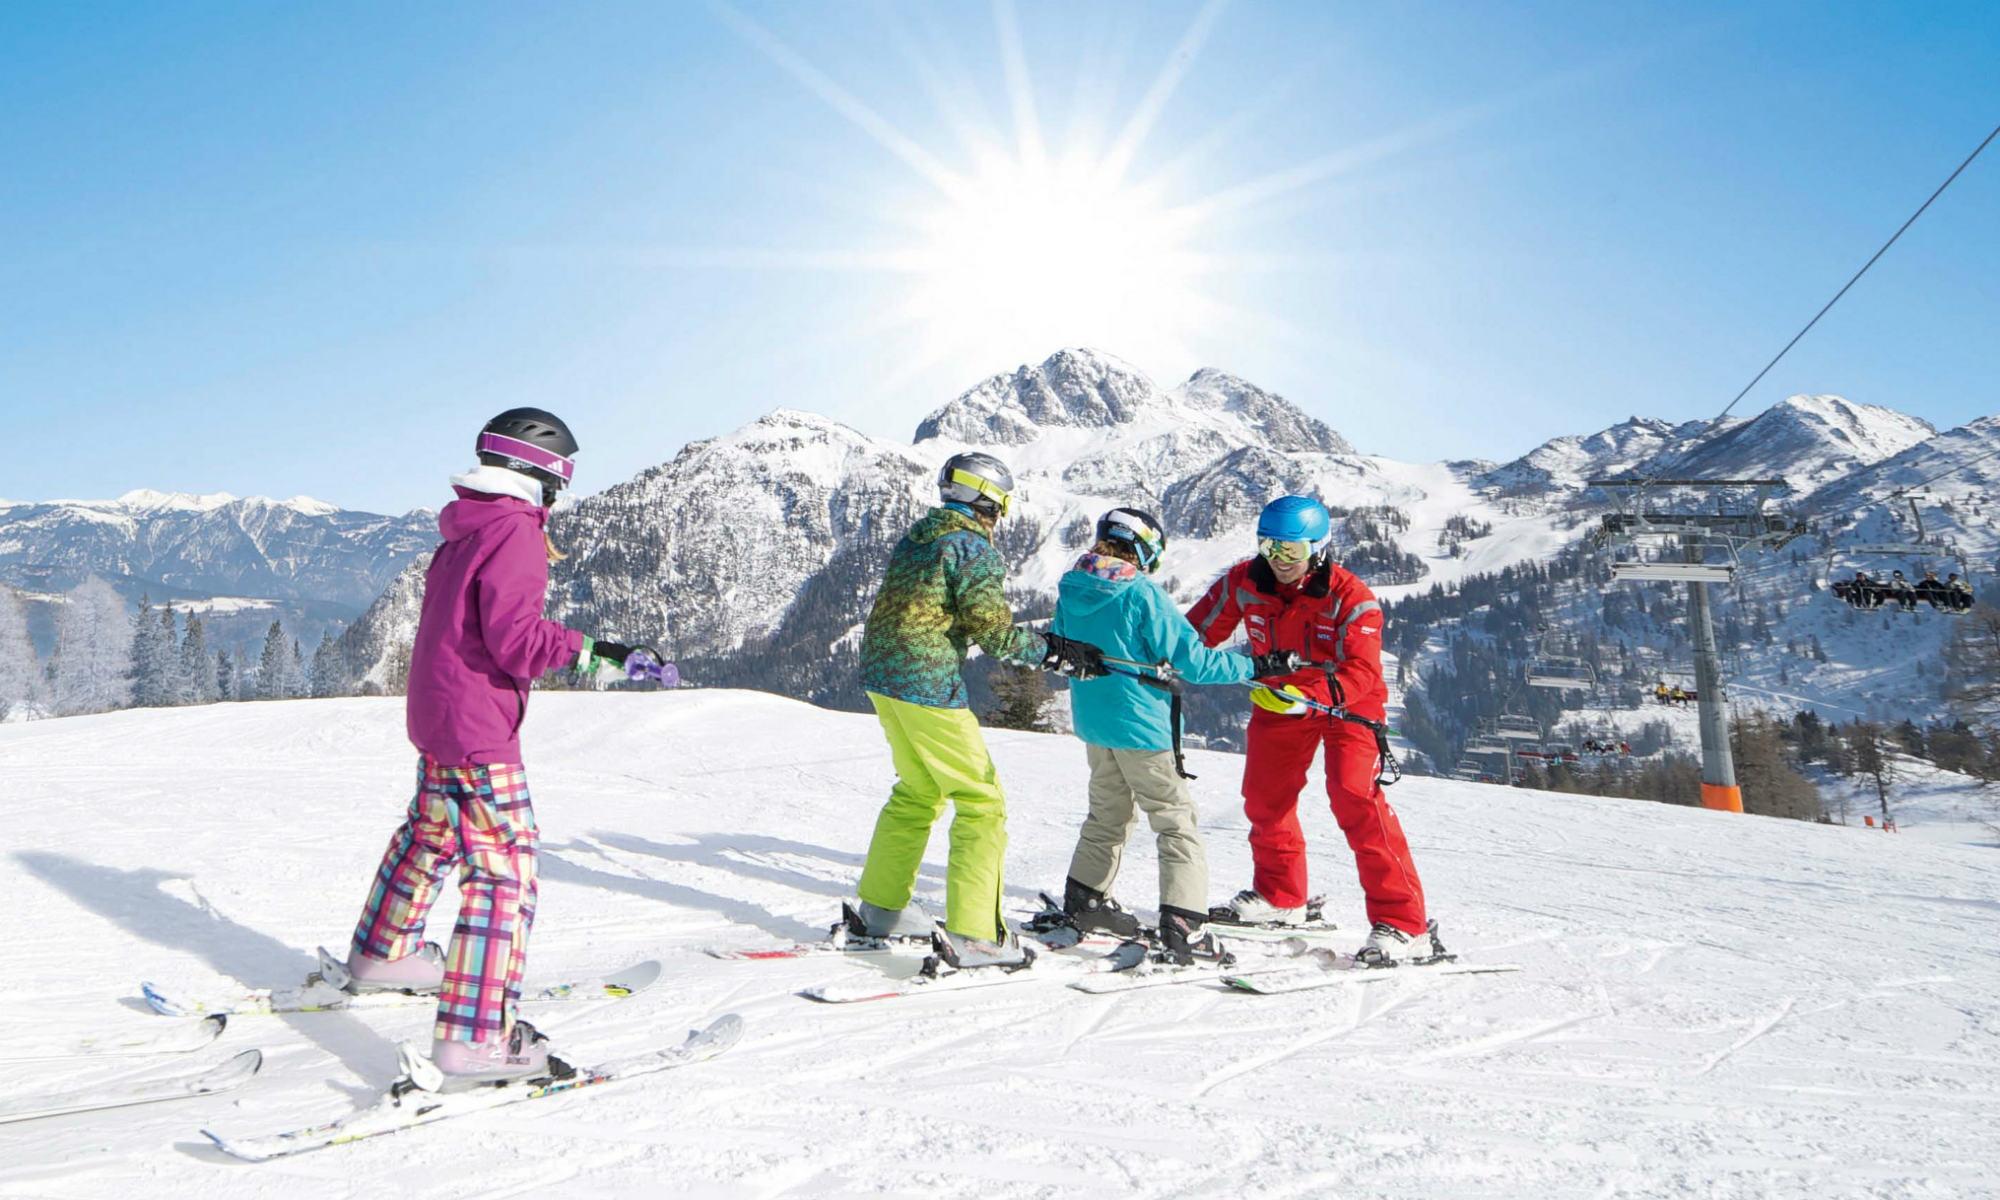 Drei Teenager beim Skikurs auf einer sonnigen Piste im Skigebiet Nassfeld.